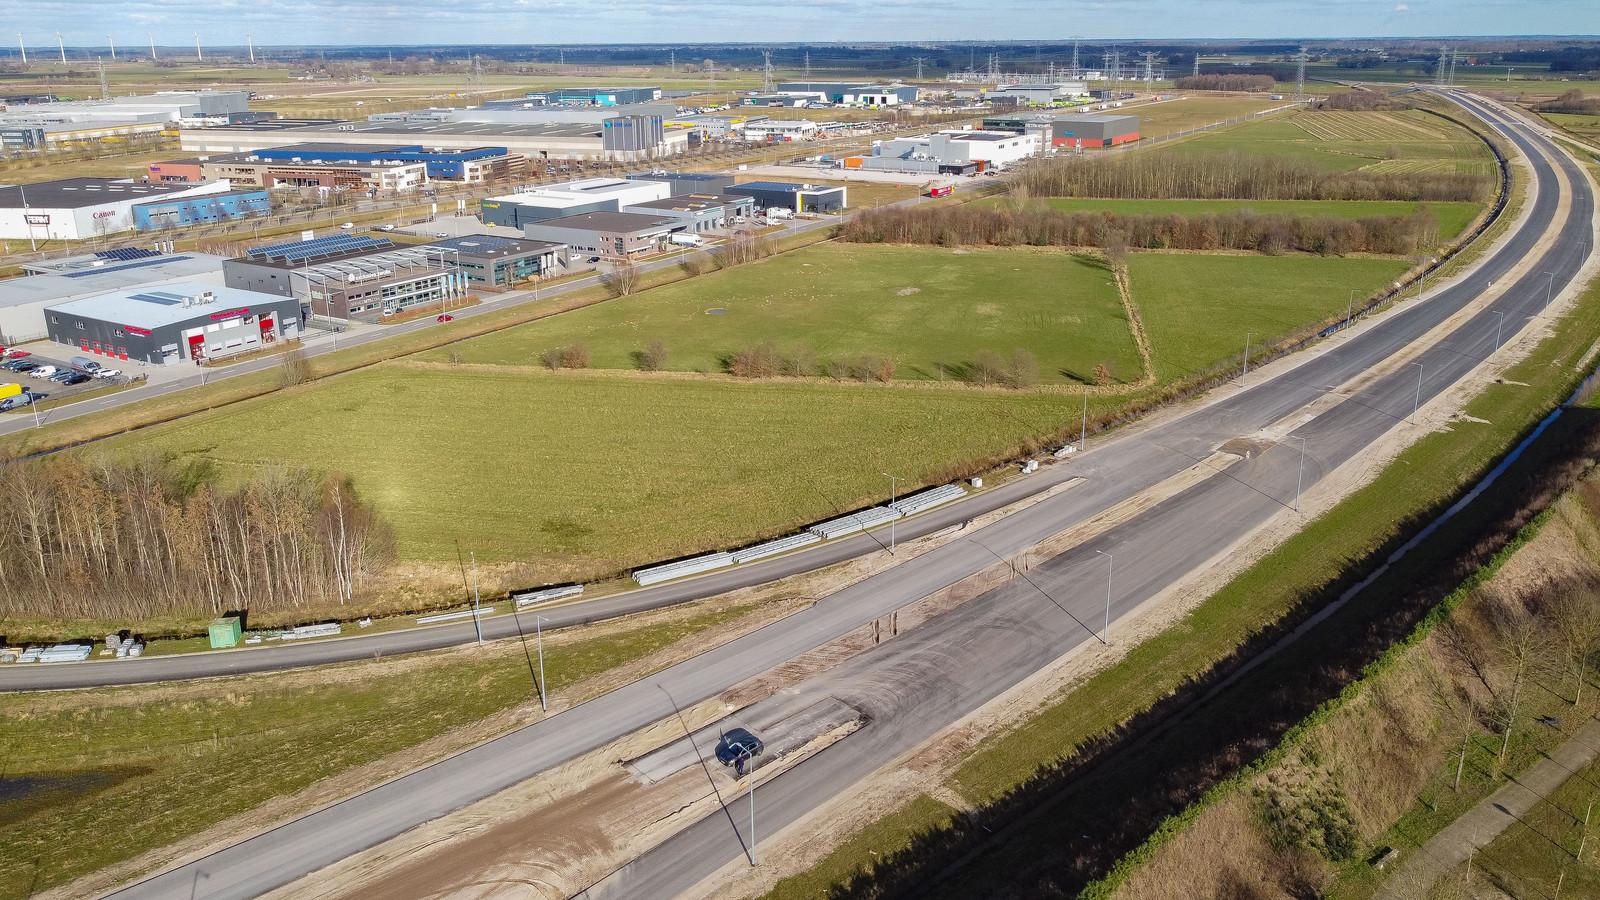 De gemeente Zwolle denkt na over uitbreiding van Hessenpoort met een strook aan de zuidzijde voor kleinere bedrijven. Het is het gebied ten zuiden van de Bohemenstraat langs de nieuwe N340.